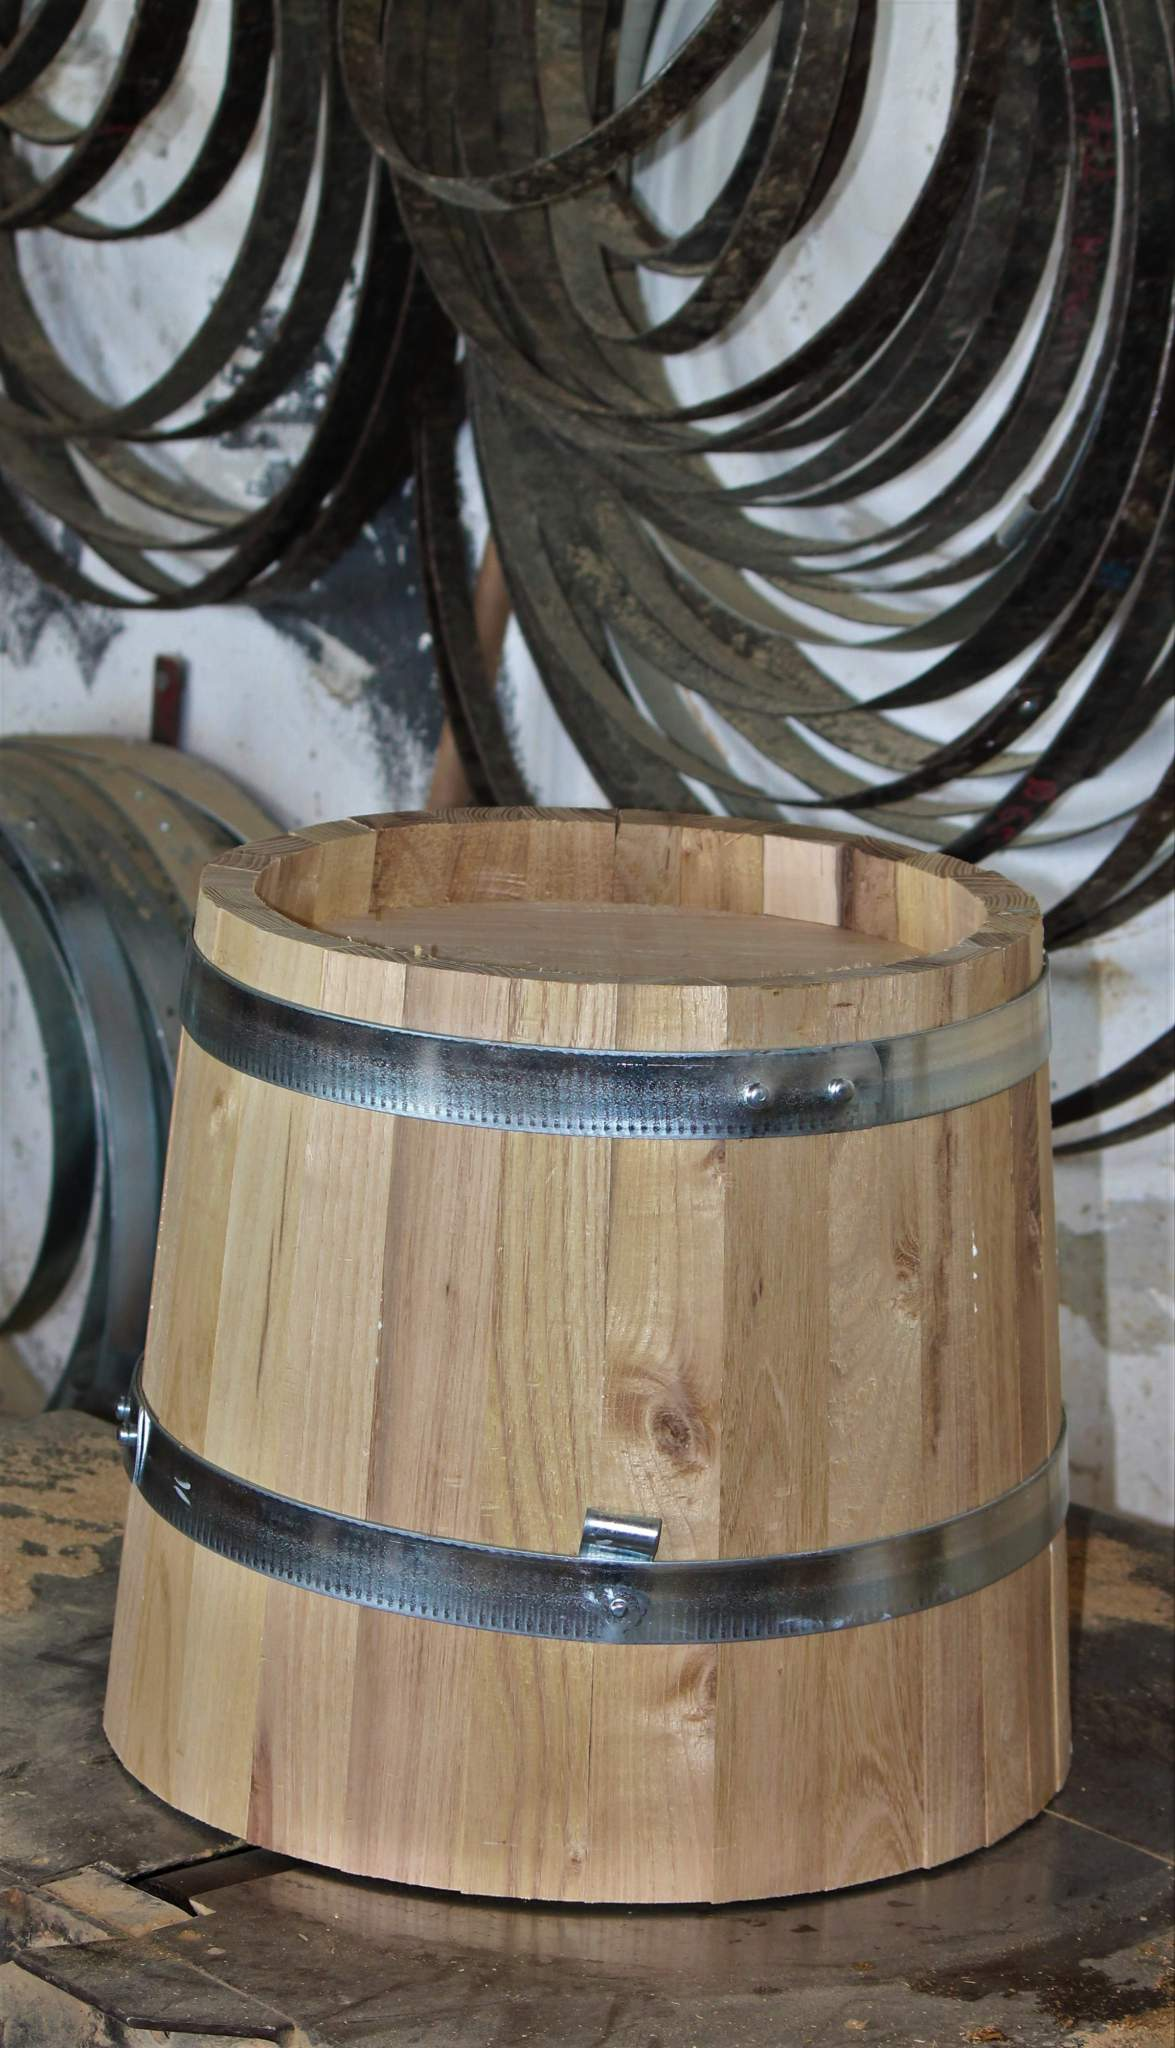 Pflanzkübel-Rohling mit galvanisierten Reifen. Die Reifen geben den Pflanzkübeln die Stabilität, der Rohling ist fertig.